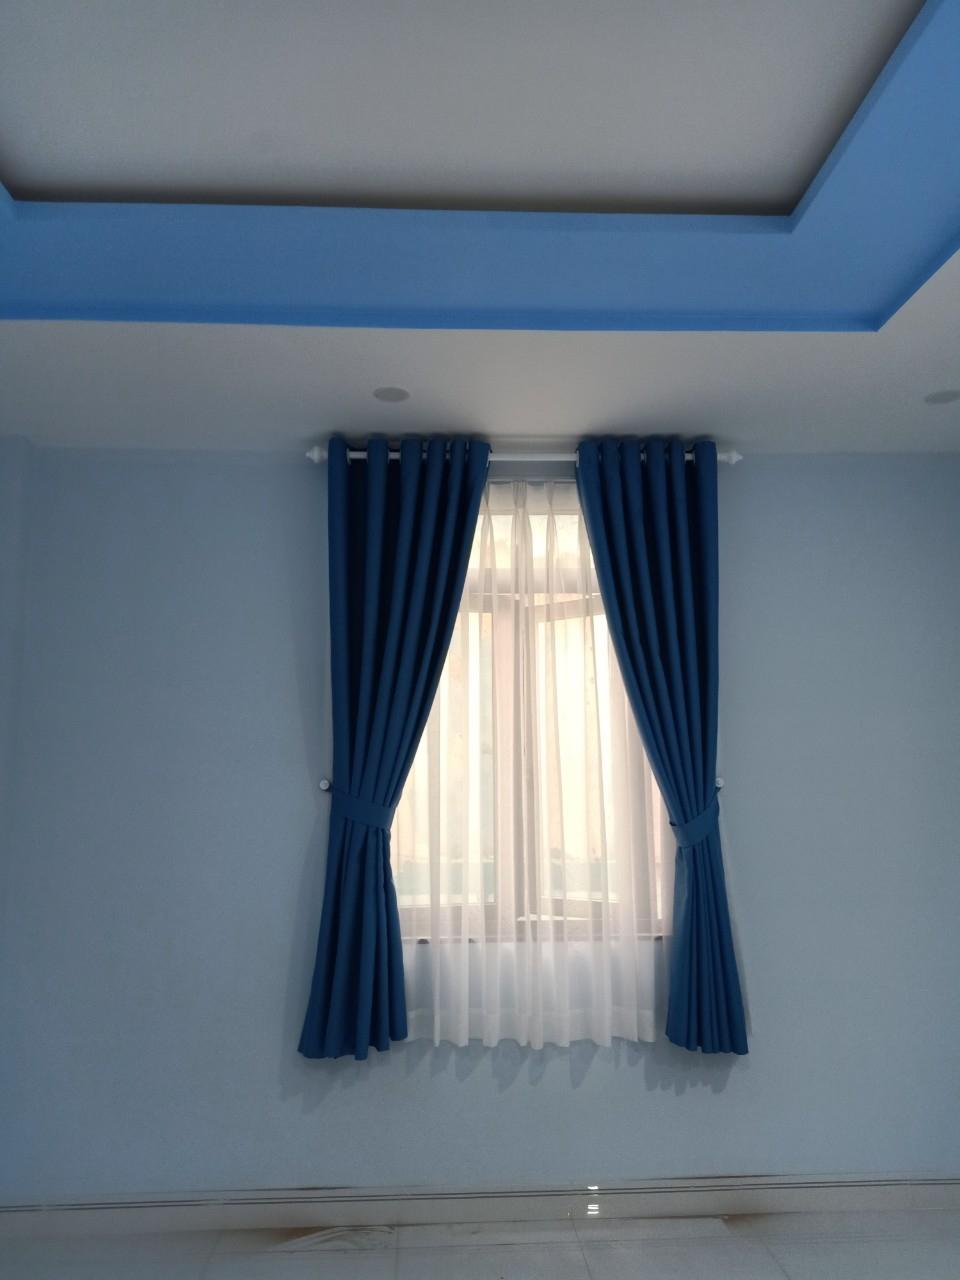 Rèm cửa vải phòng khách-5